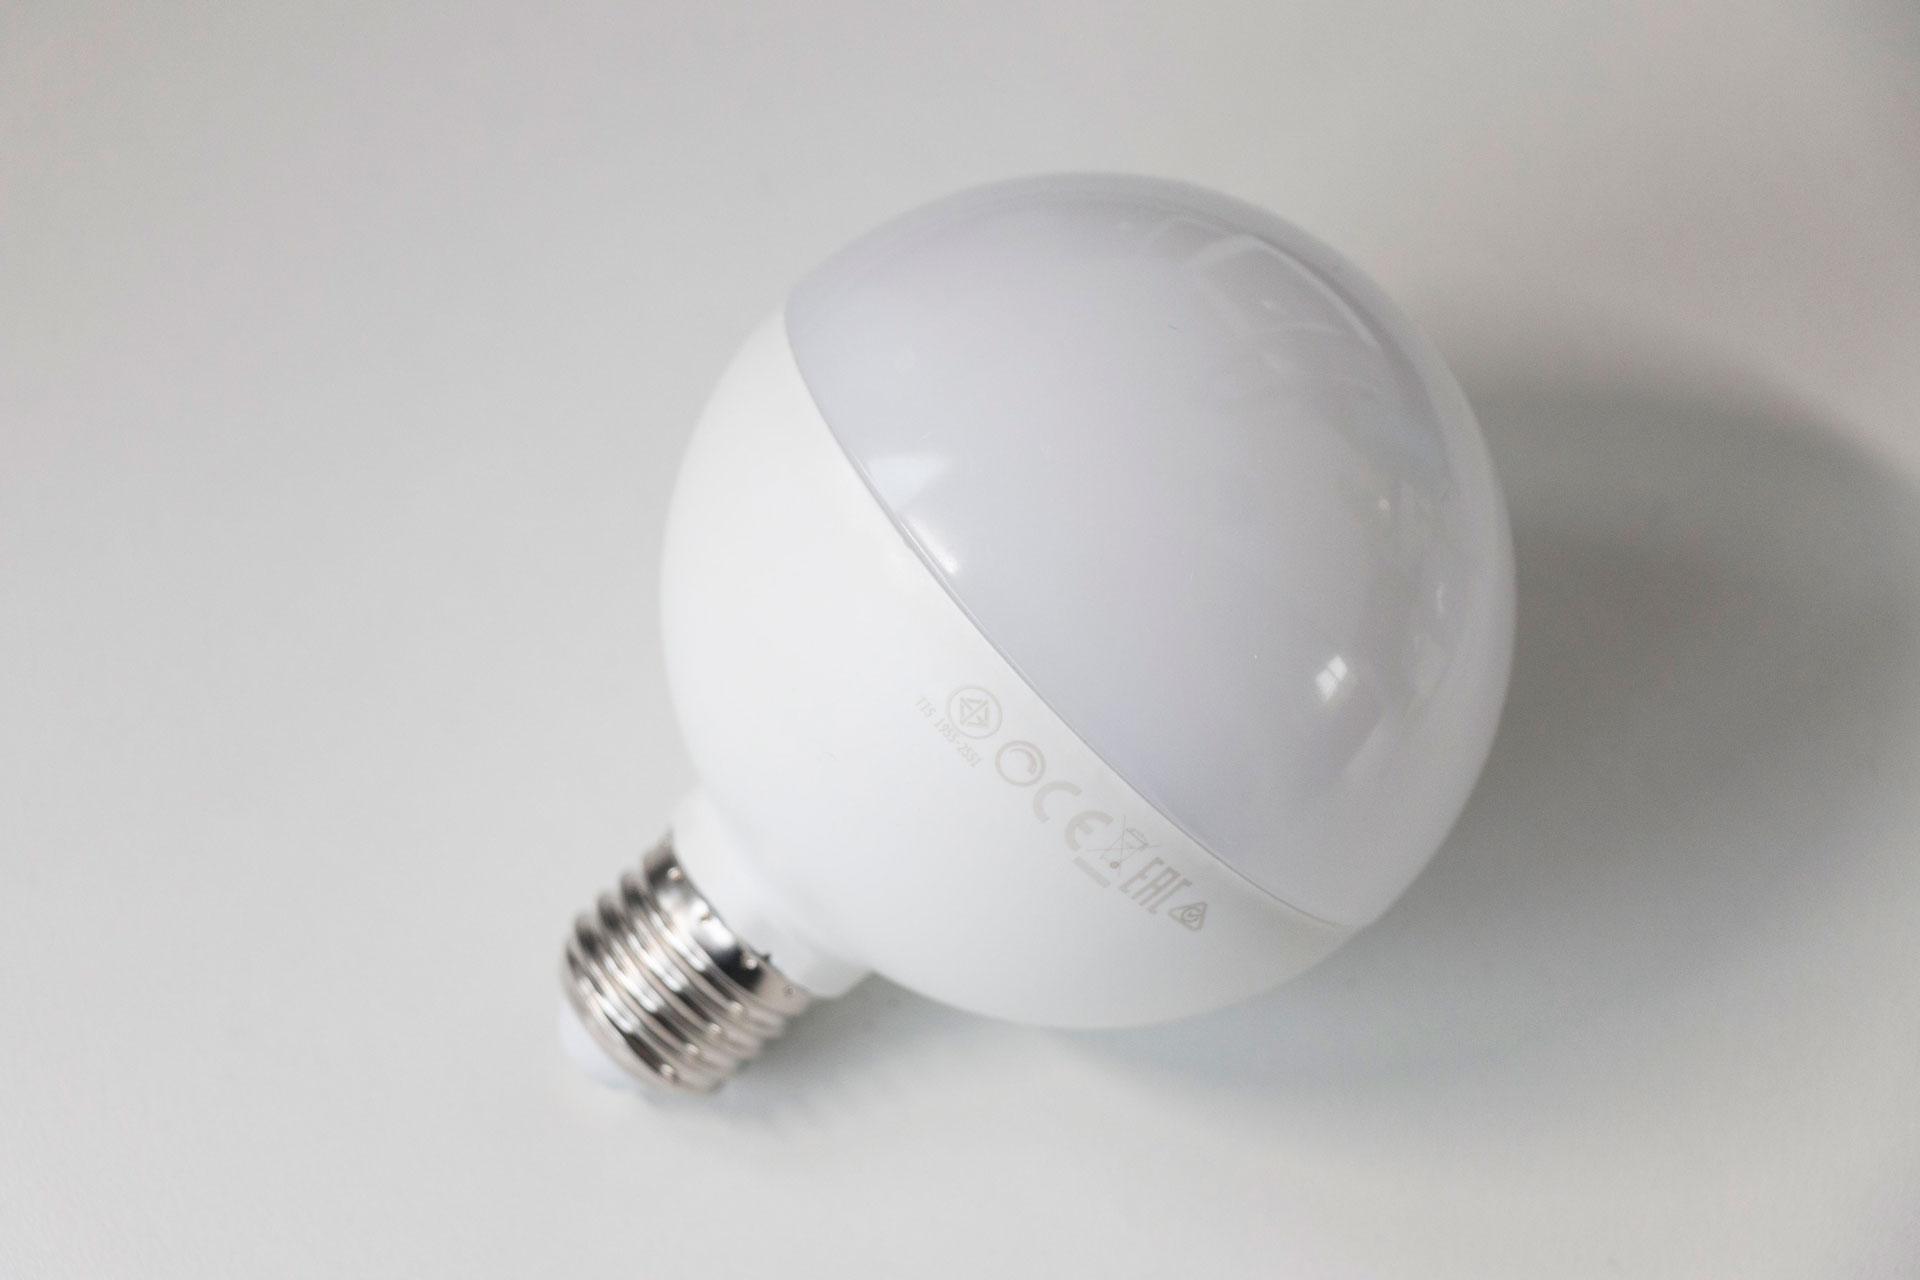 Van 39 lamp 39 naar led waar moet je op letten for Lampen namen